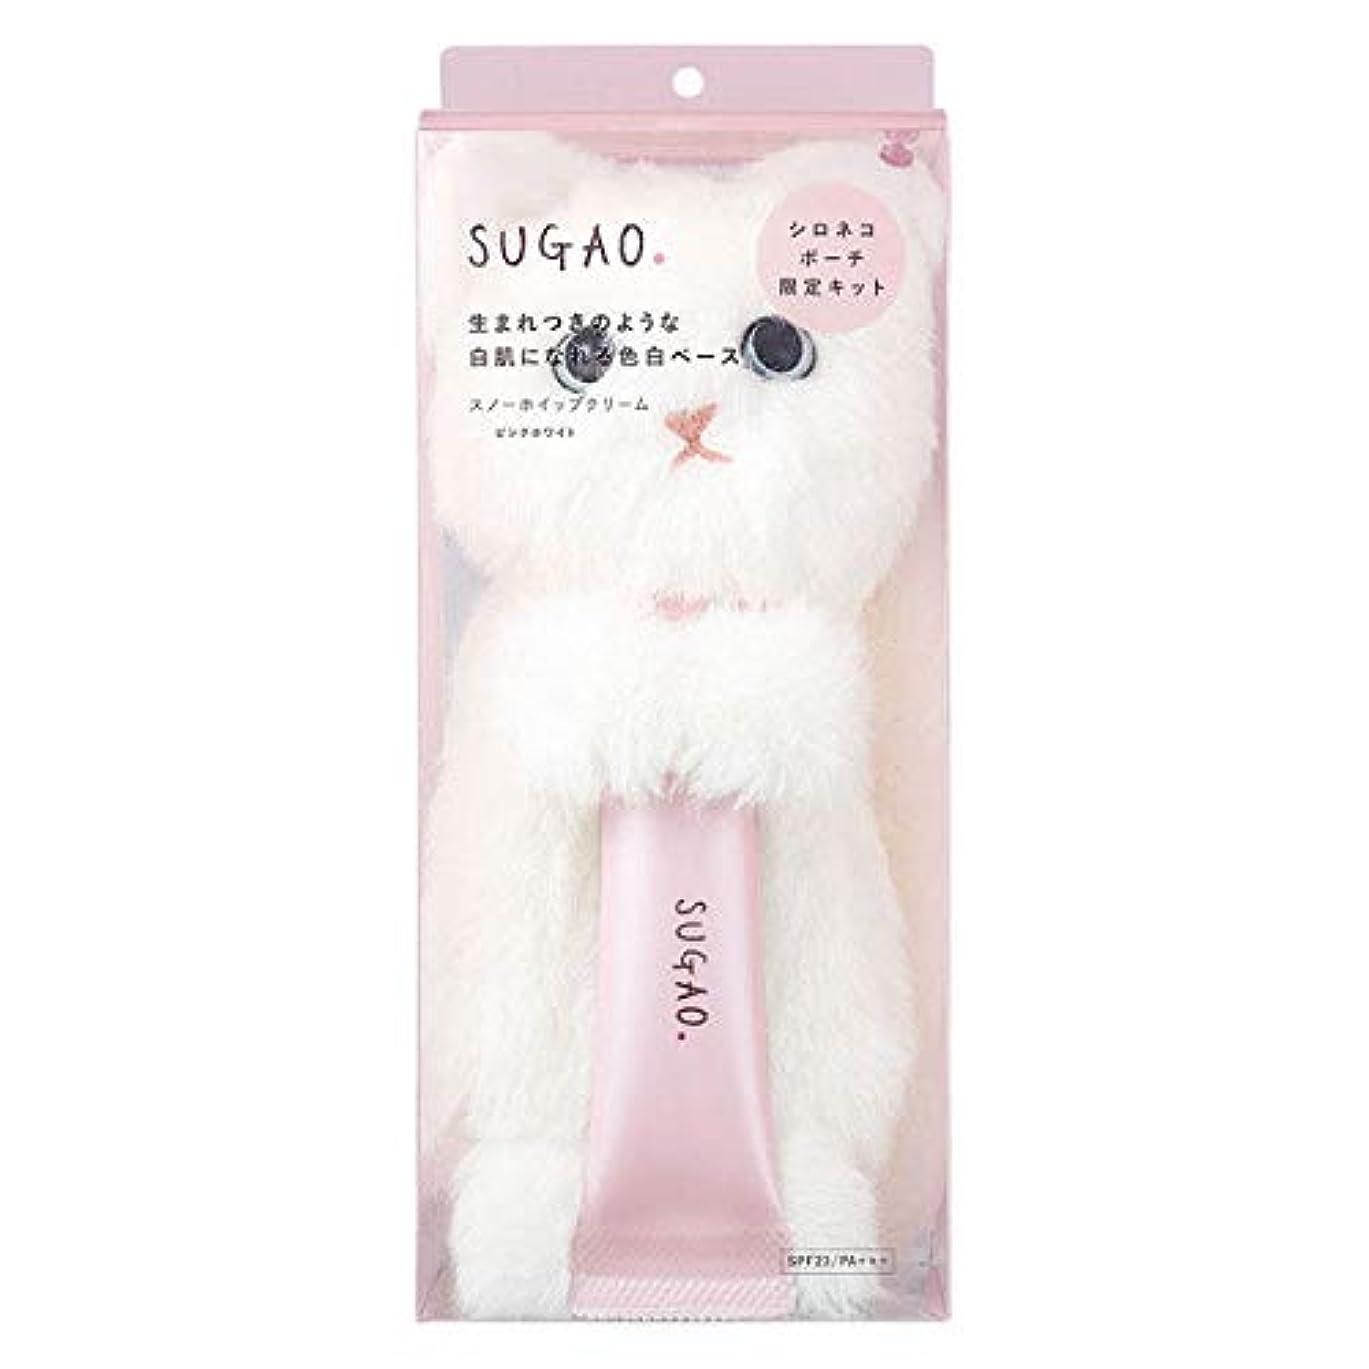 信頼リボンリボンSUGAO(スガオ) スノーホイップクリーム ピンクホワイト 25g +シロネコぬいぐるみ付き ロート製薬 [並行輸入品]